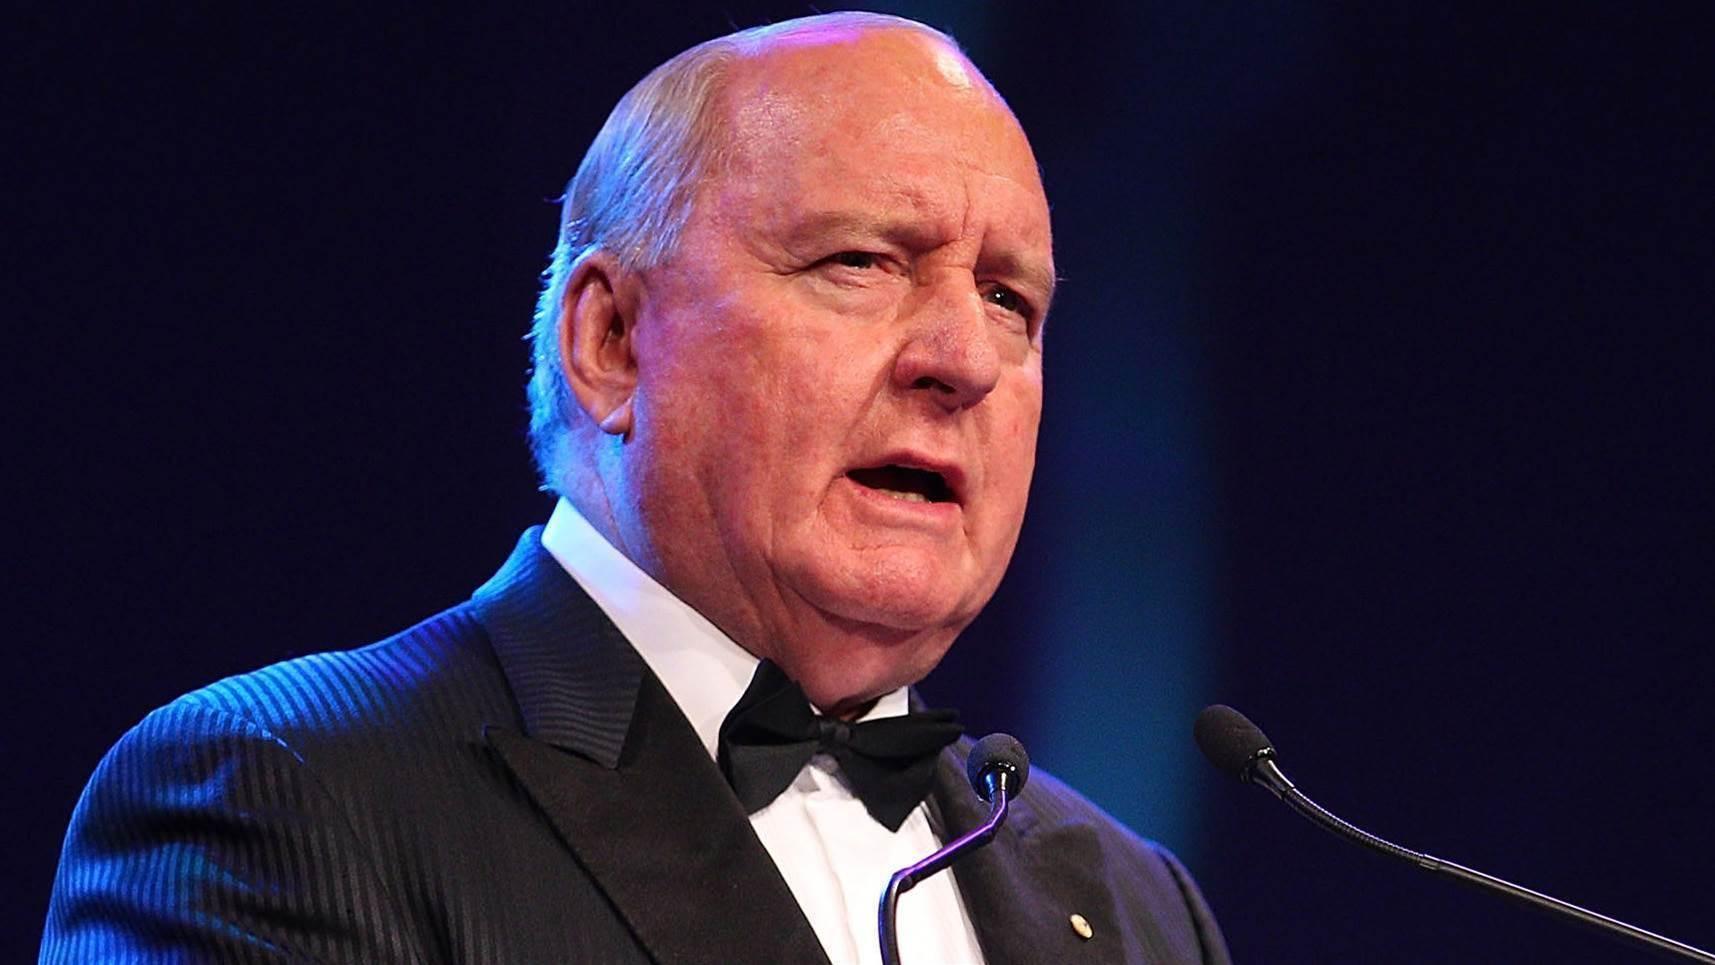 Jones unleashes on Aussie rugby supremo